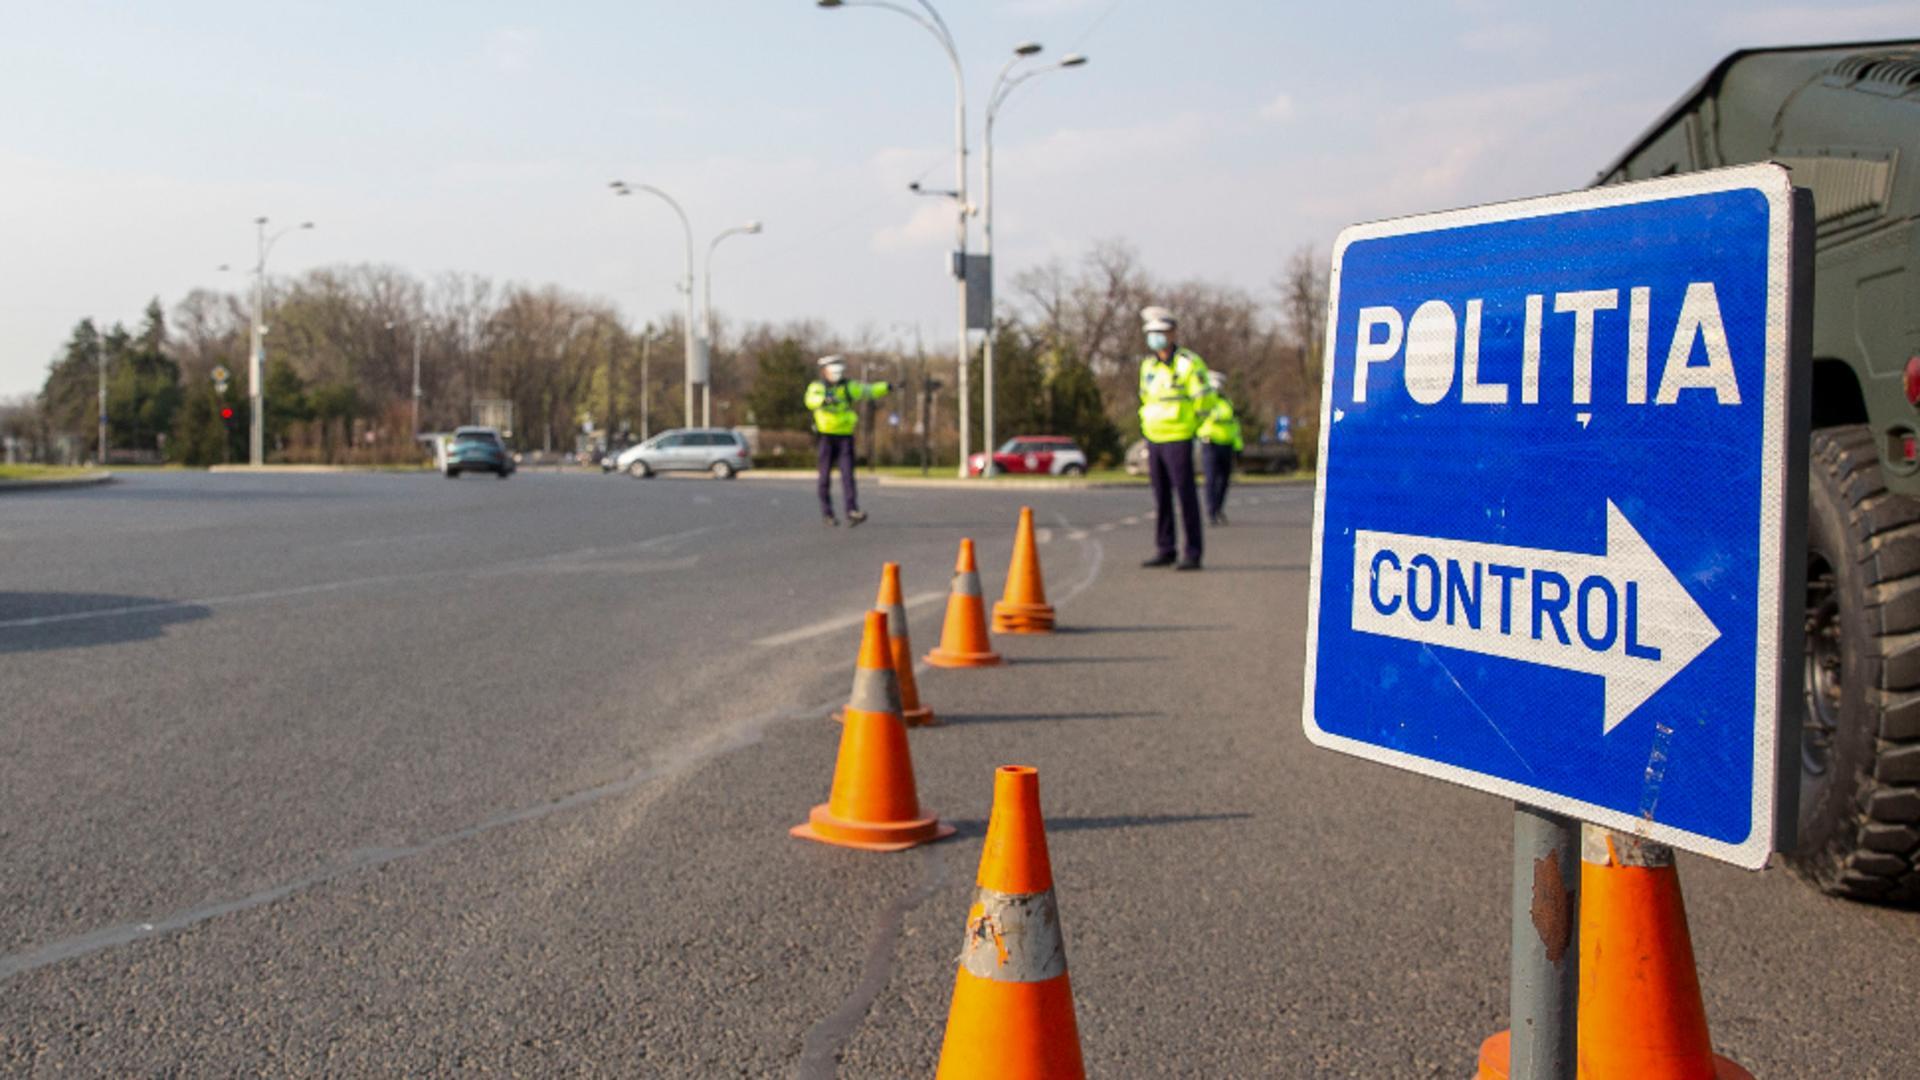 Control în trafic / Foto: Inquam Photos